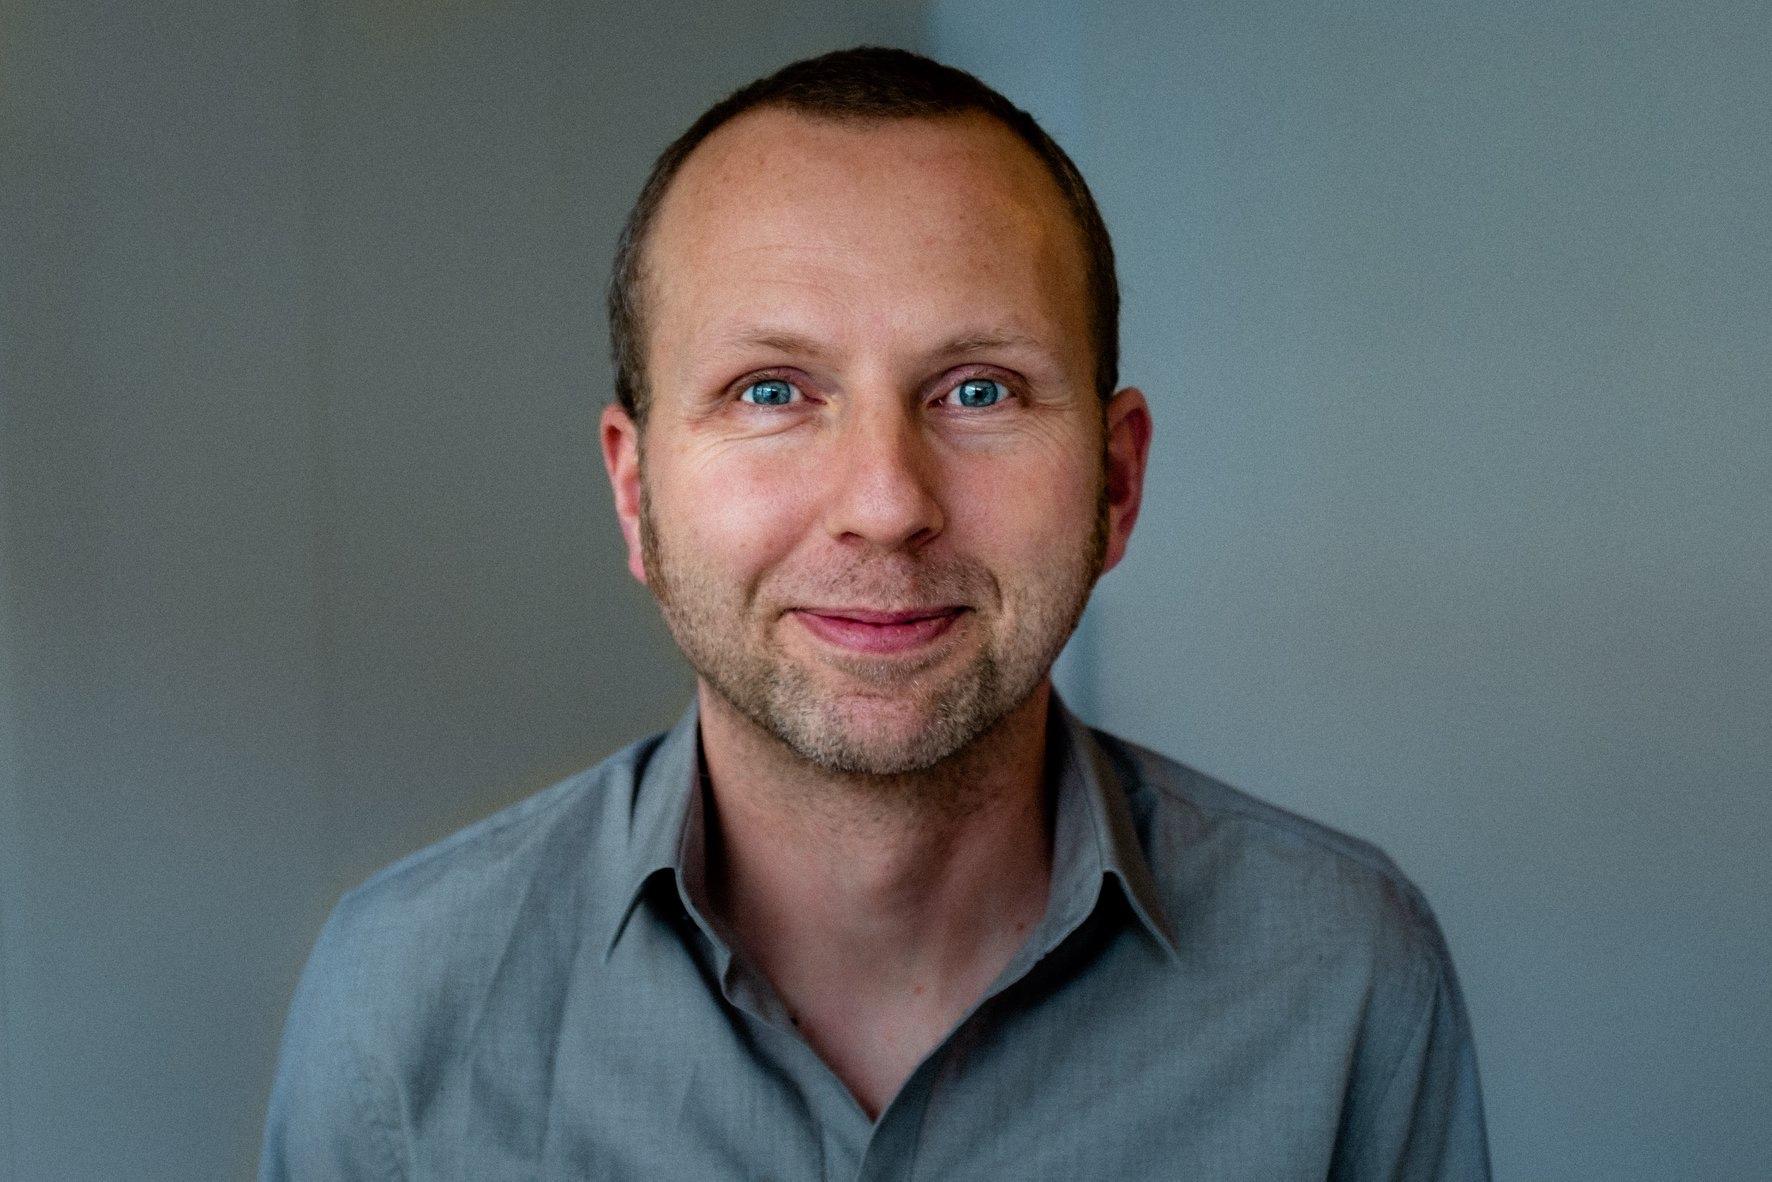 <h1>Arjen Fokkema</h1>